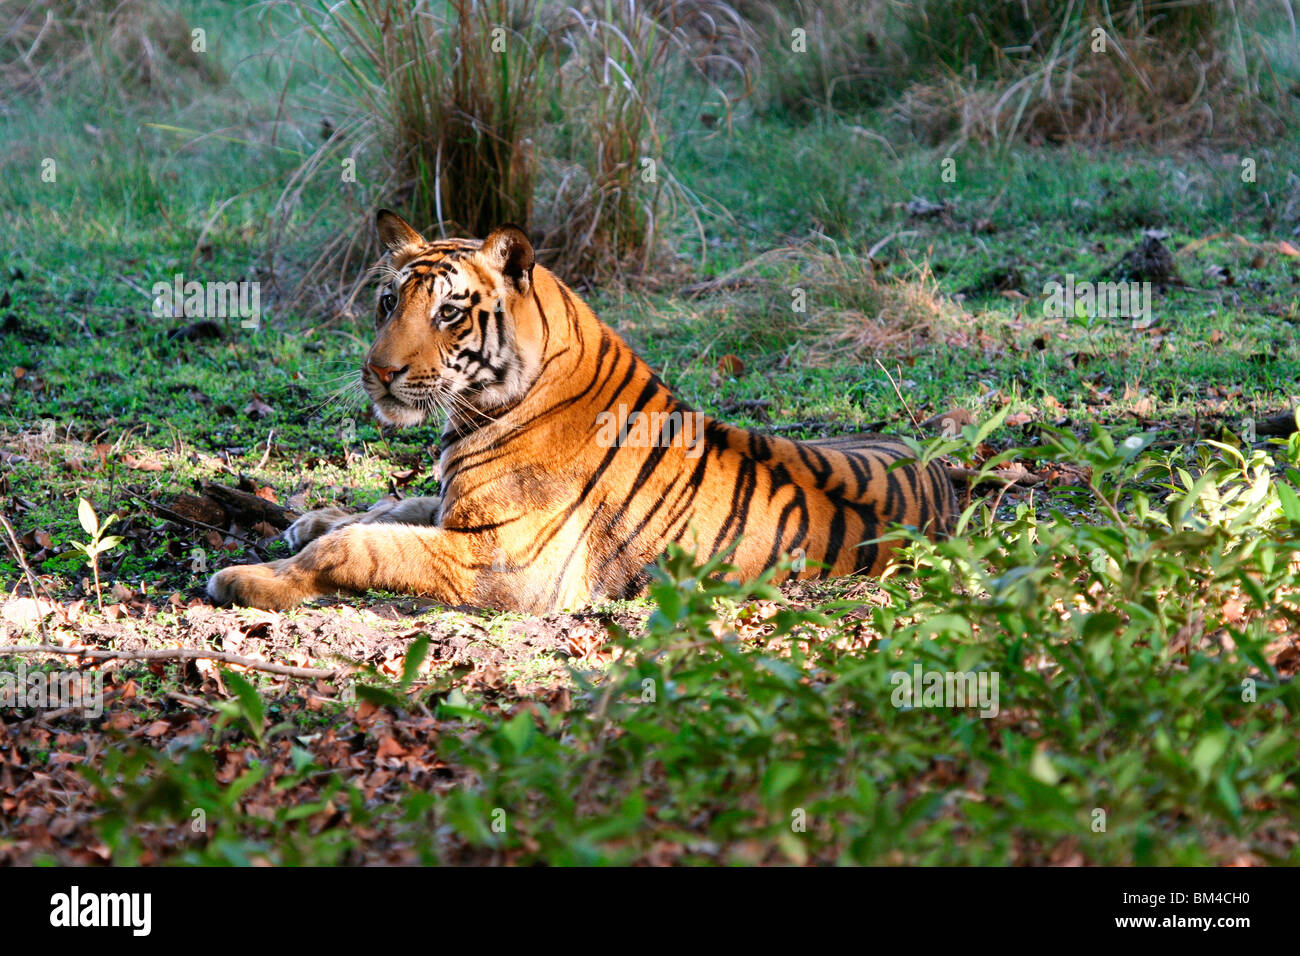 The Royal Bengal Tiger (Panthera tigris tigris), Bandhavgarh National Park, Madhya Pradesh, India, Asia Stock Photo